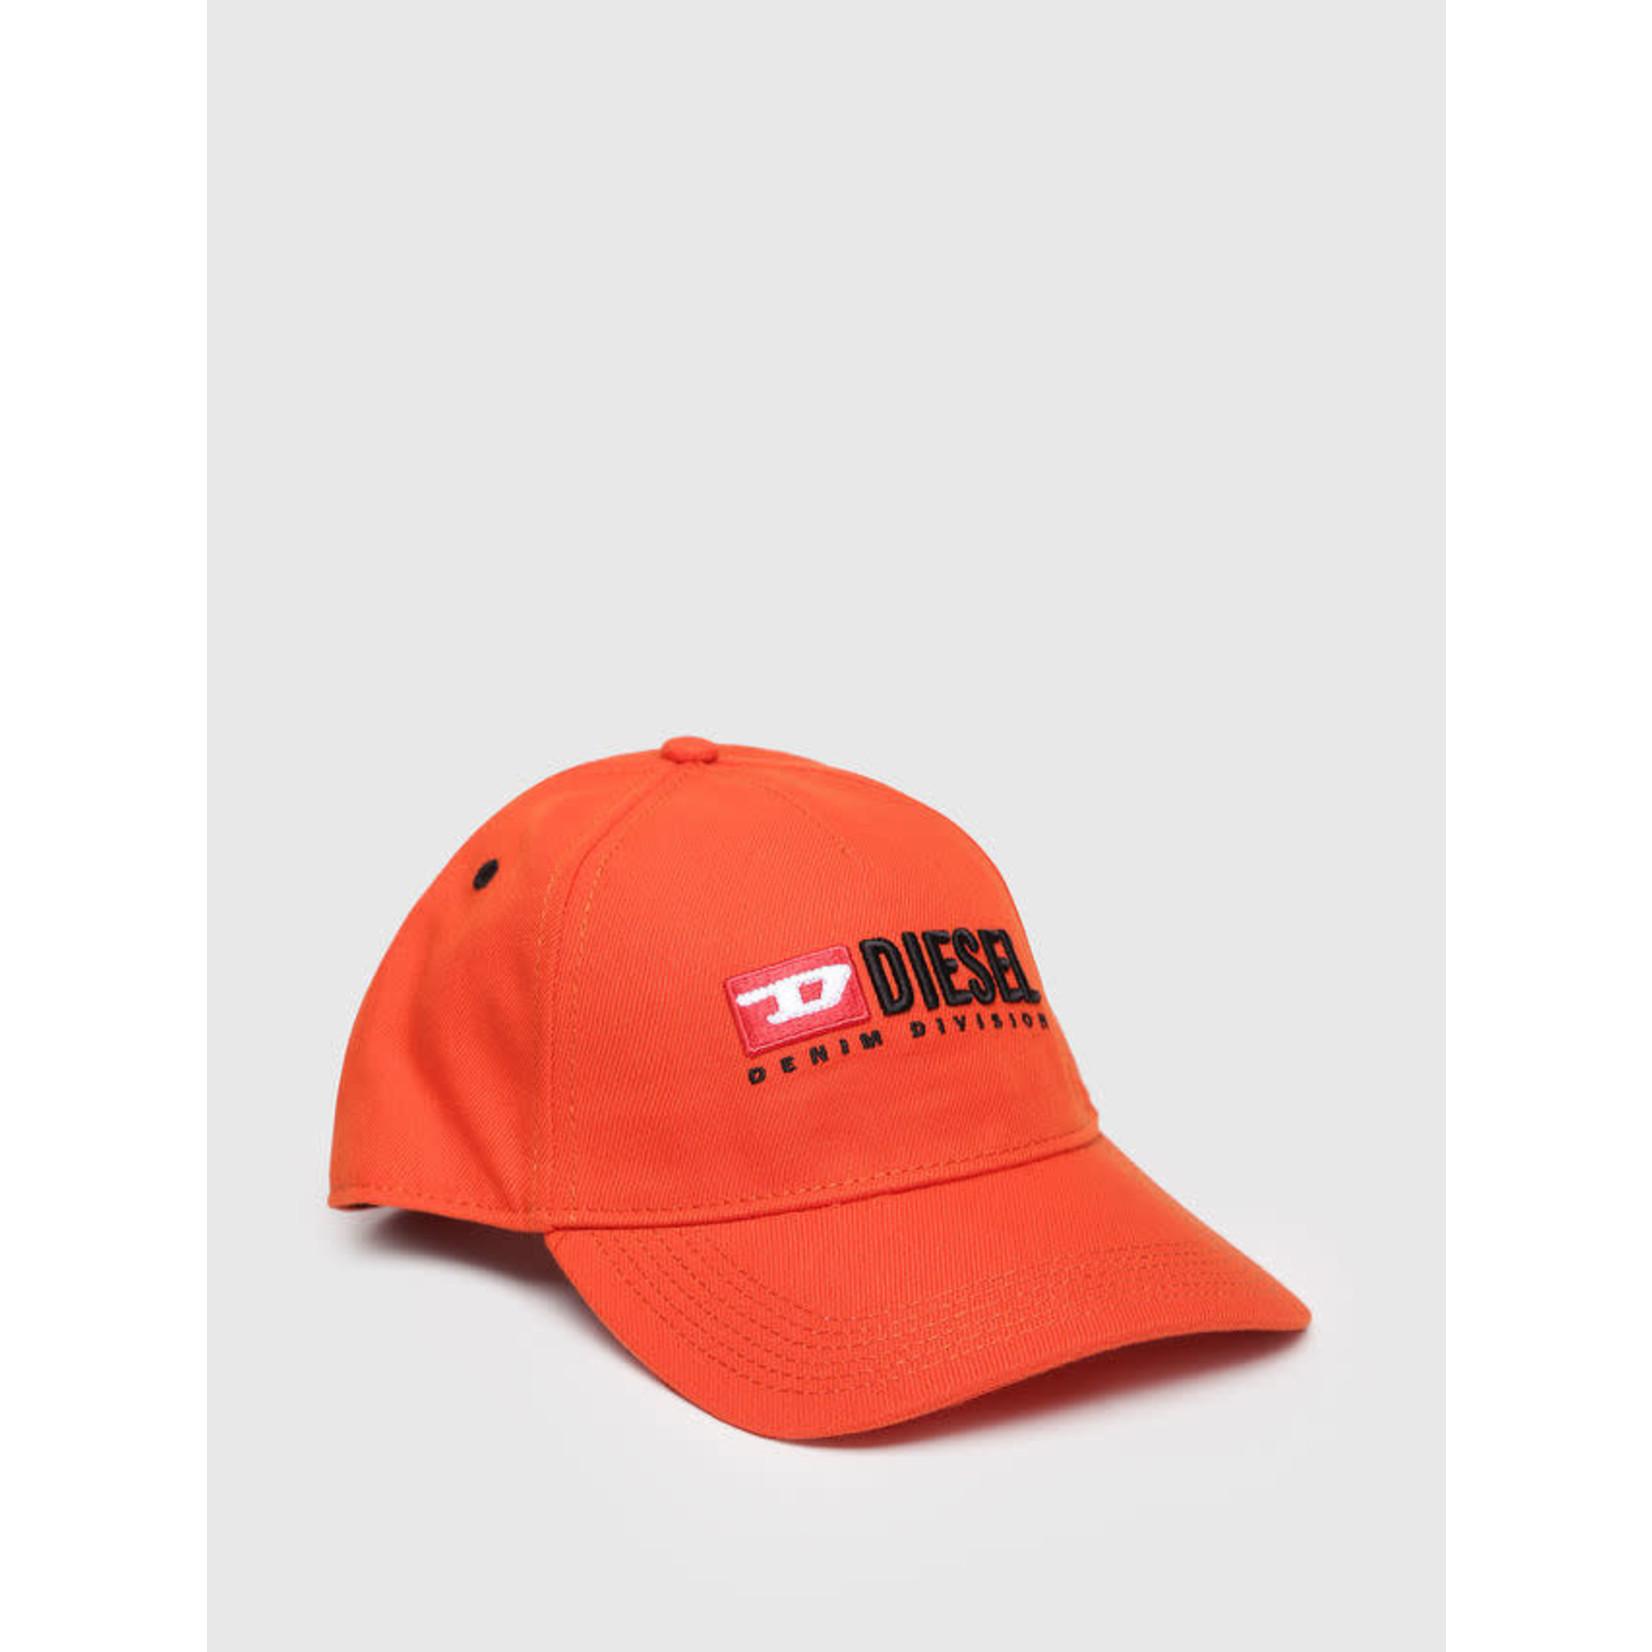 DIESEL Diesel - Hat - Cakerym Max